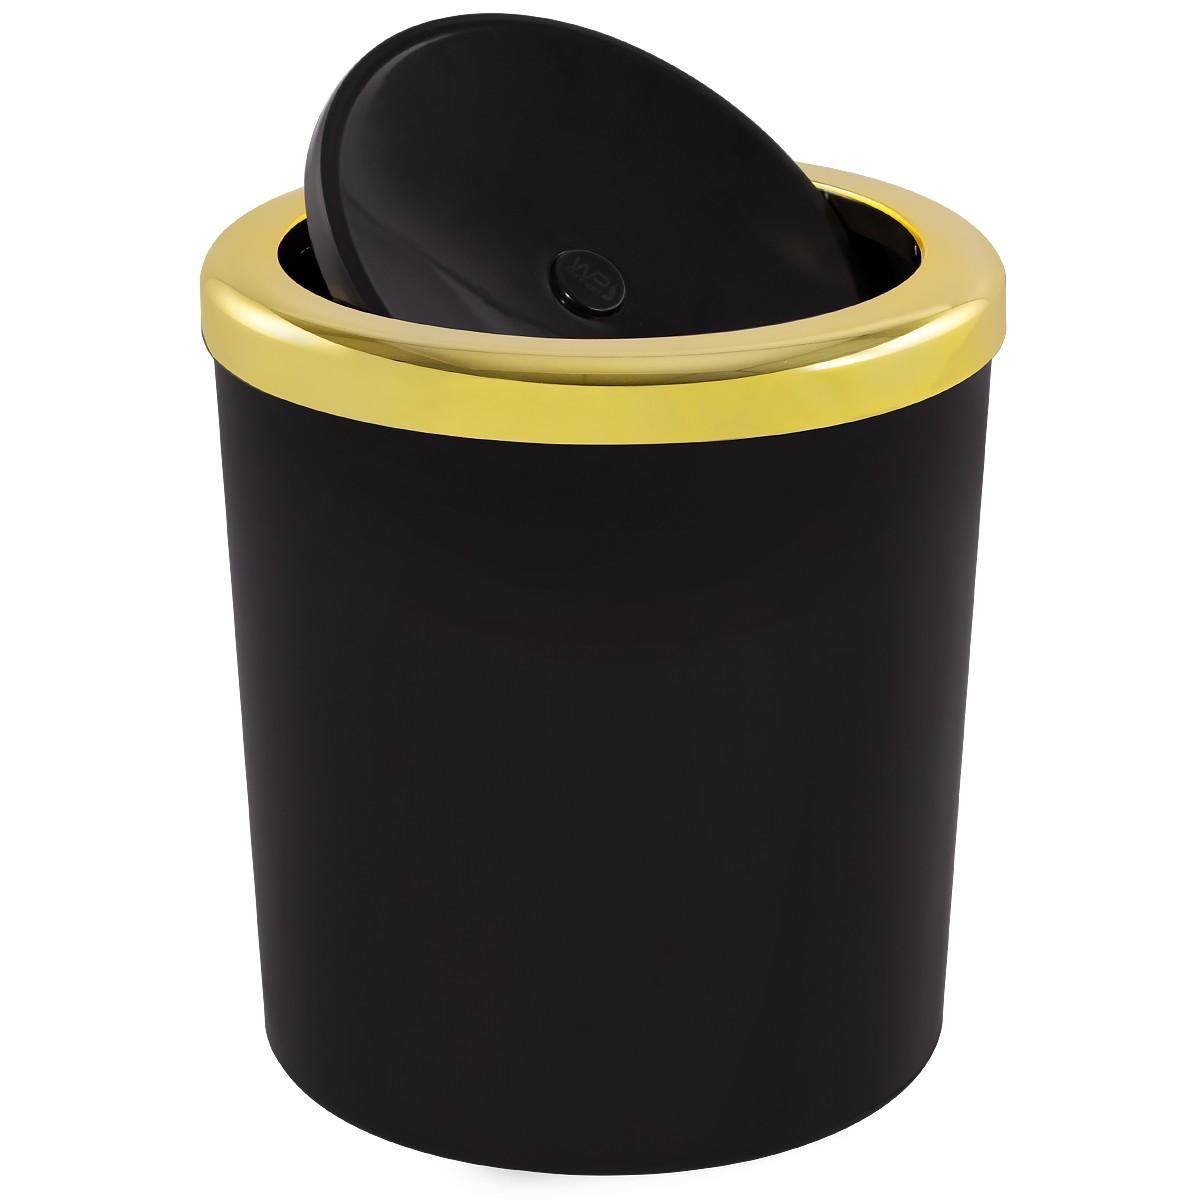 Lixeira 5 Litros Basculante Redonda Dourada Luxo Cozinha